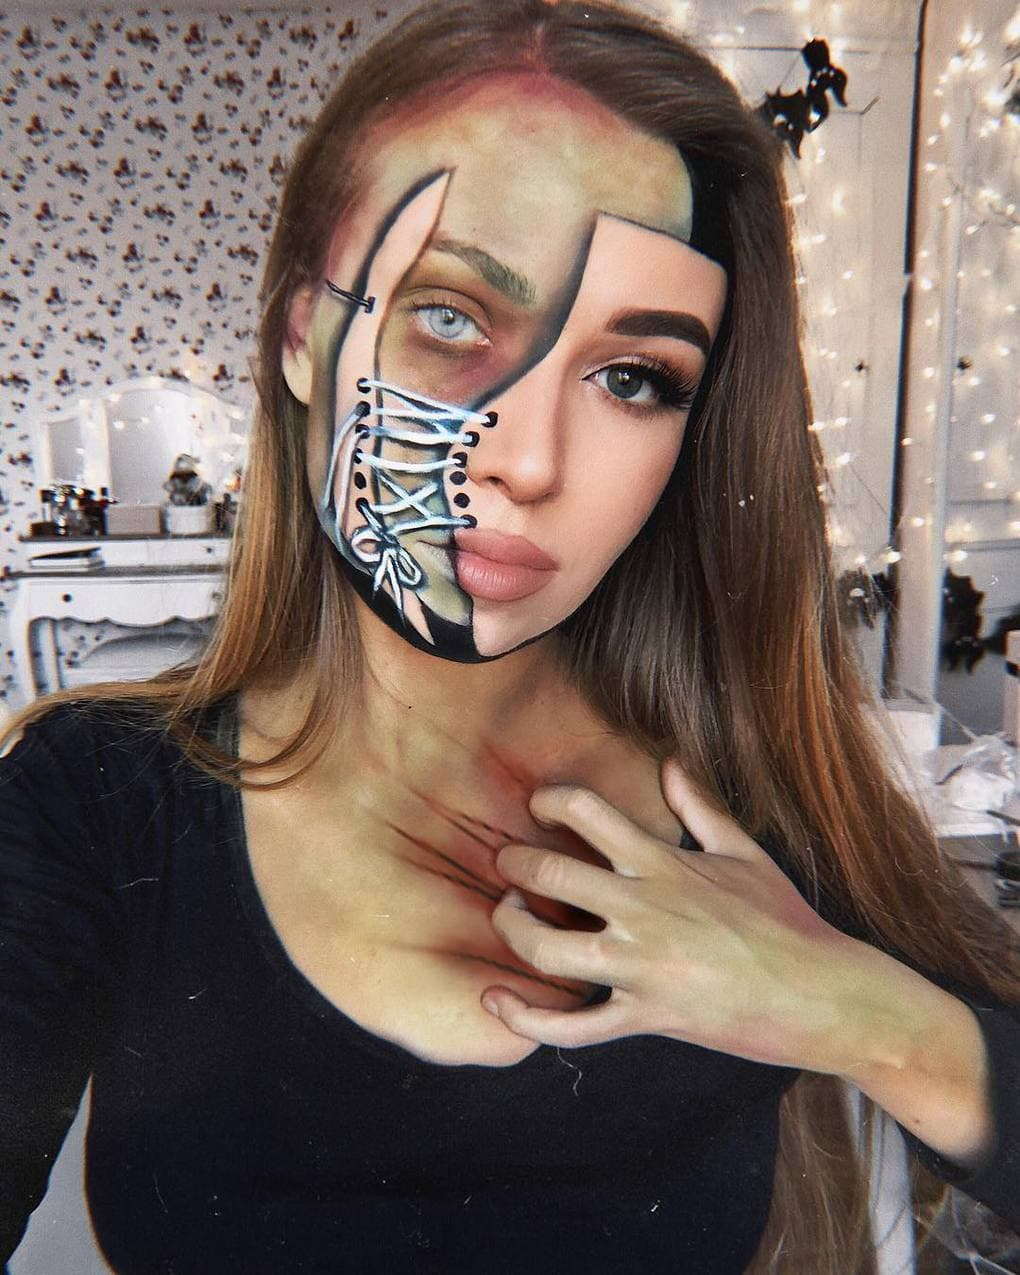 Визажист из Литвы делает макияж, с которым на Хэллоуине любая будет звездой вечеринки 15